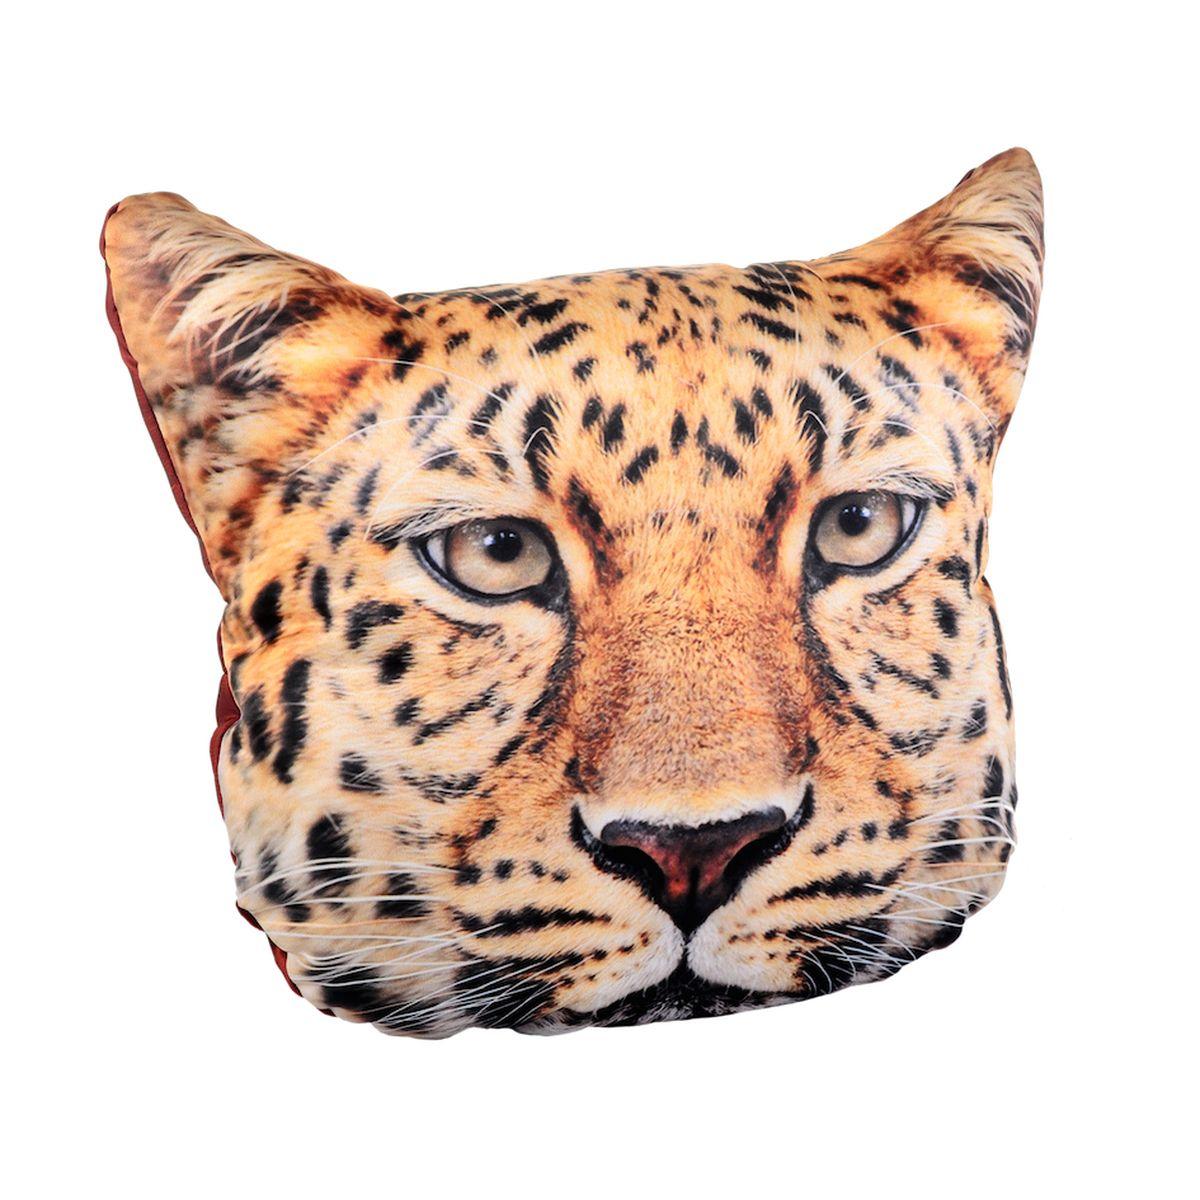 Подушка декоративная GiftnHome Леопард, 40 x 40 смBH-UN0502( R)Подушка декоративная GiftnHome, выполненная в виде морды леопарда, прекрасно дополнит интерьер спальни или гостиной. Чехол подушки изготовлен из атласа (искусственный шелк). В качестве наполнителя используется мягкий холлофайбер. Чехол снабжен потайной застежкой-молнией, благодаря чему его легко можно снять и постирать. Красивая подушка создаст атмосферу уюта в доме и станет прекрасным элементом декора.